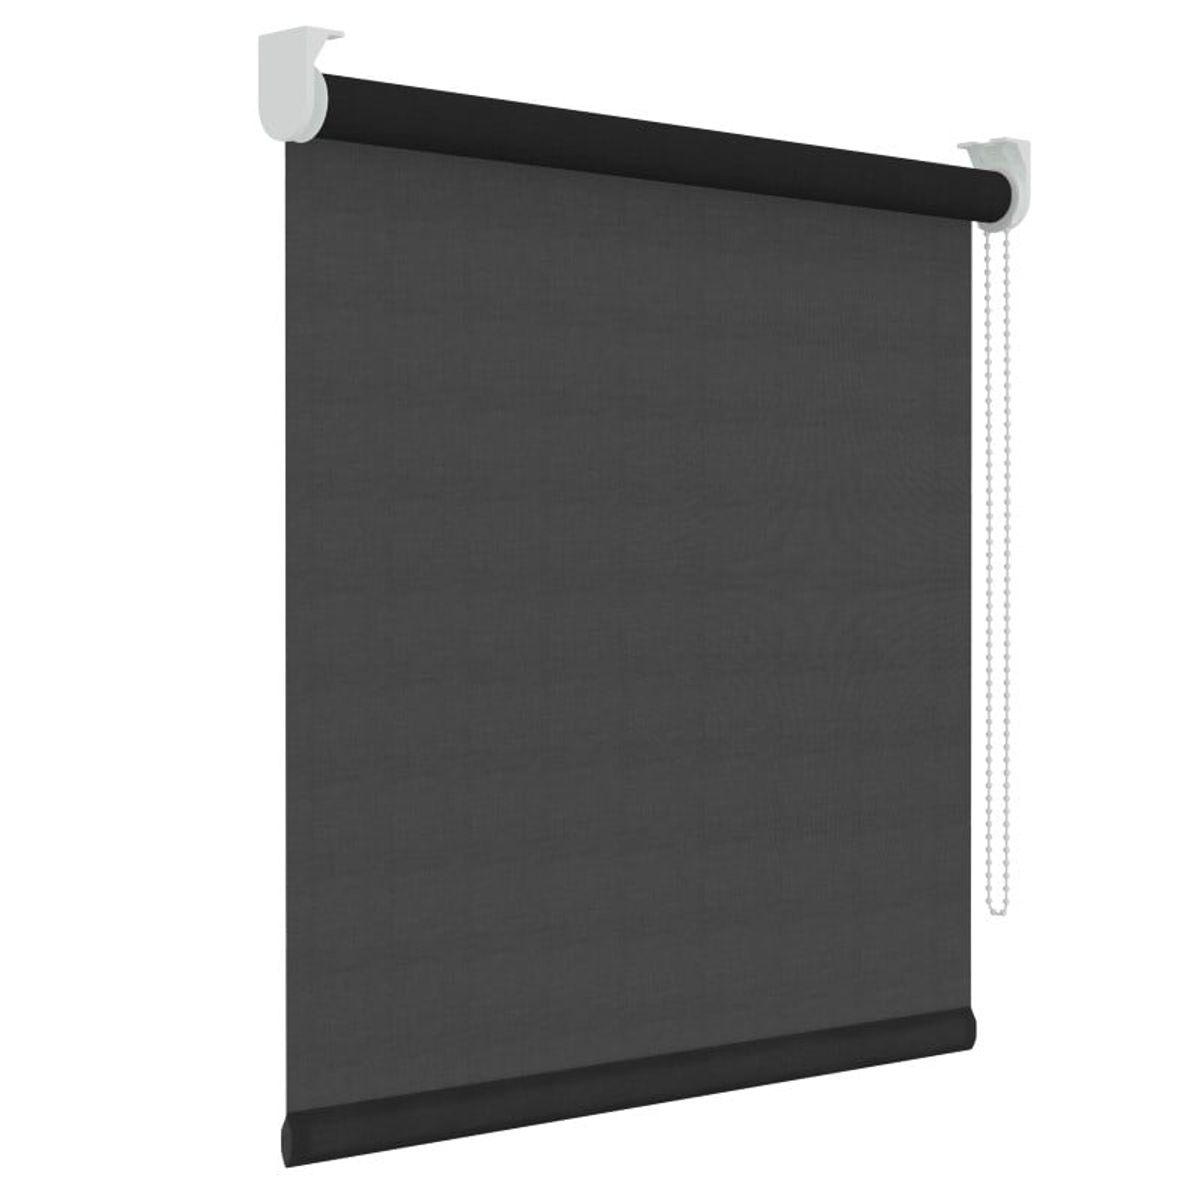 Rolgordijn - Lichtdoorlatend - Zwart - 150cm x 190cm